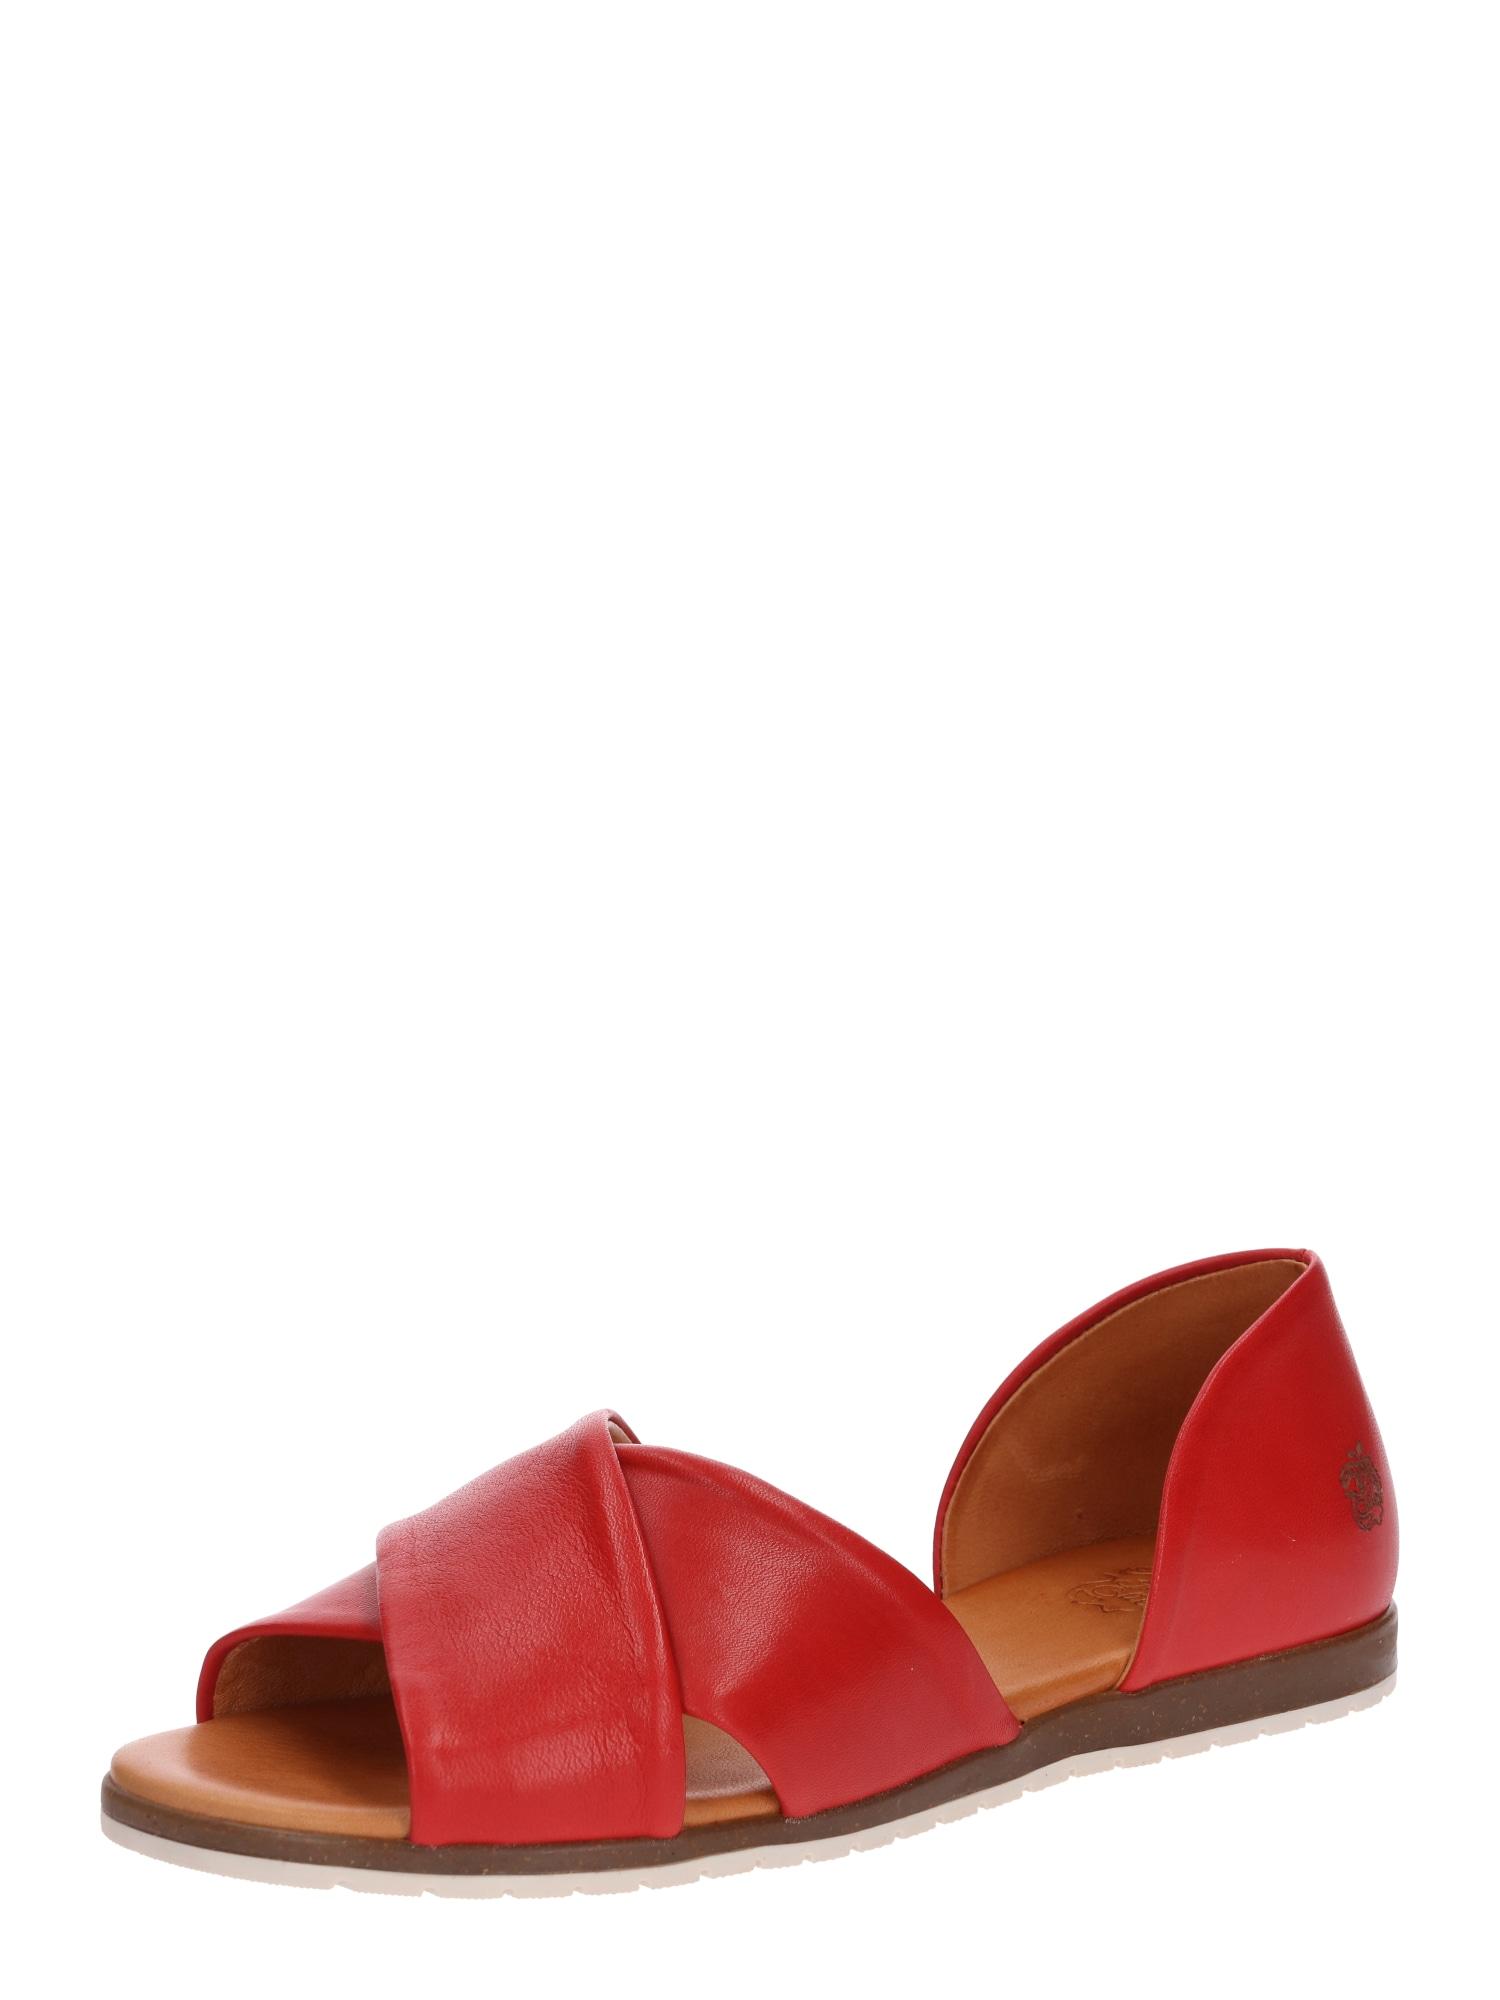 Sandály Chiusi červená Apple Of Eden